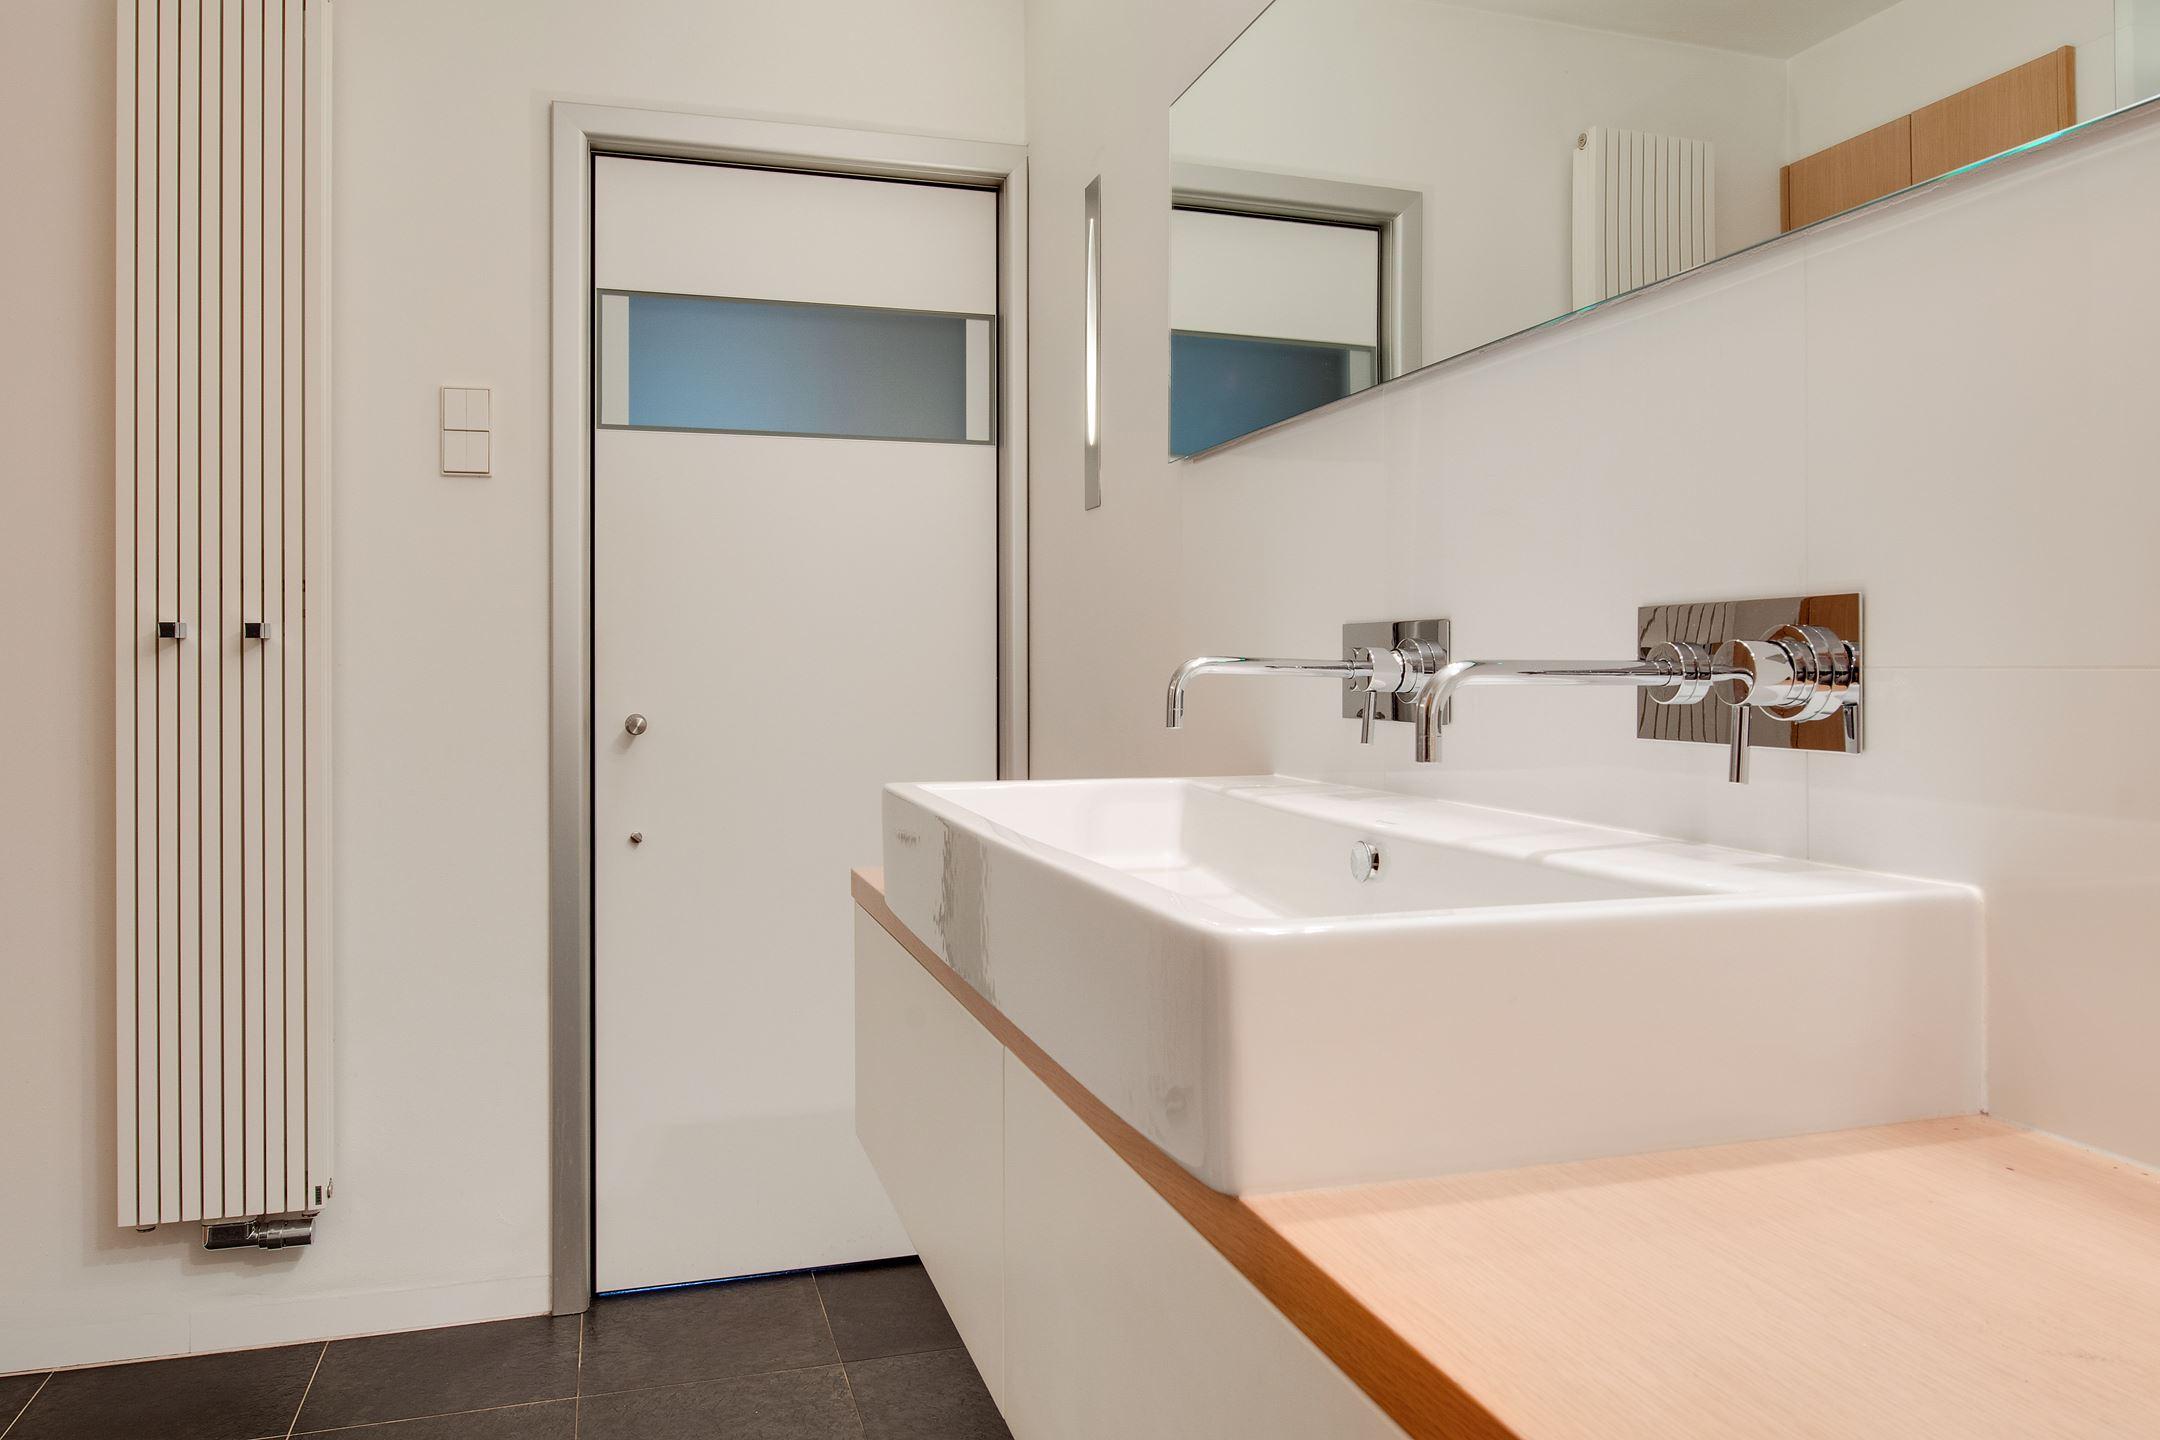 Mooie voorbeelden van een badkamer in de buitenlucht cool we